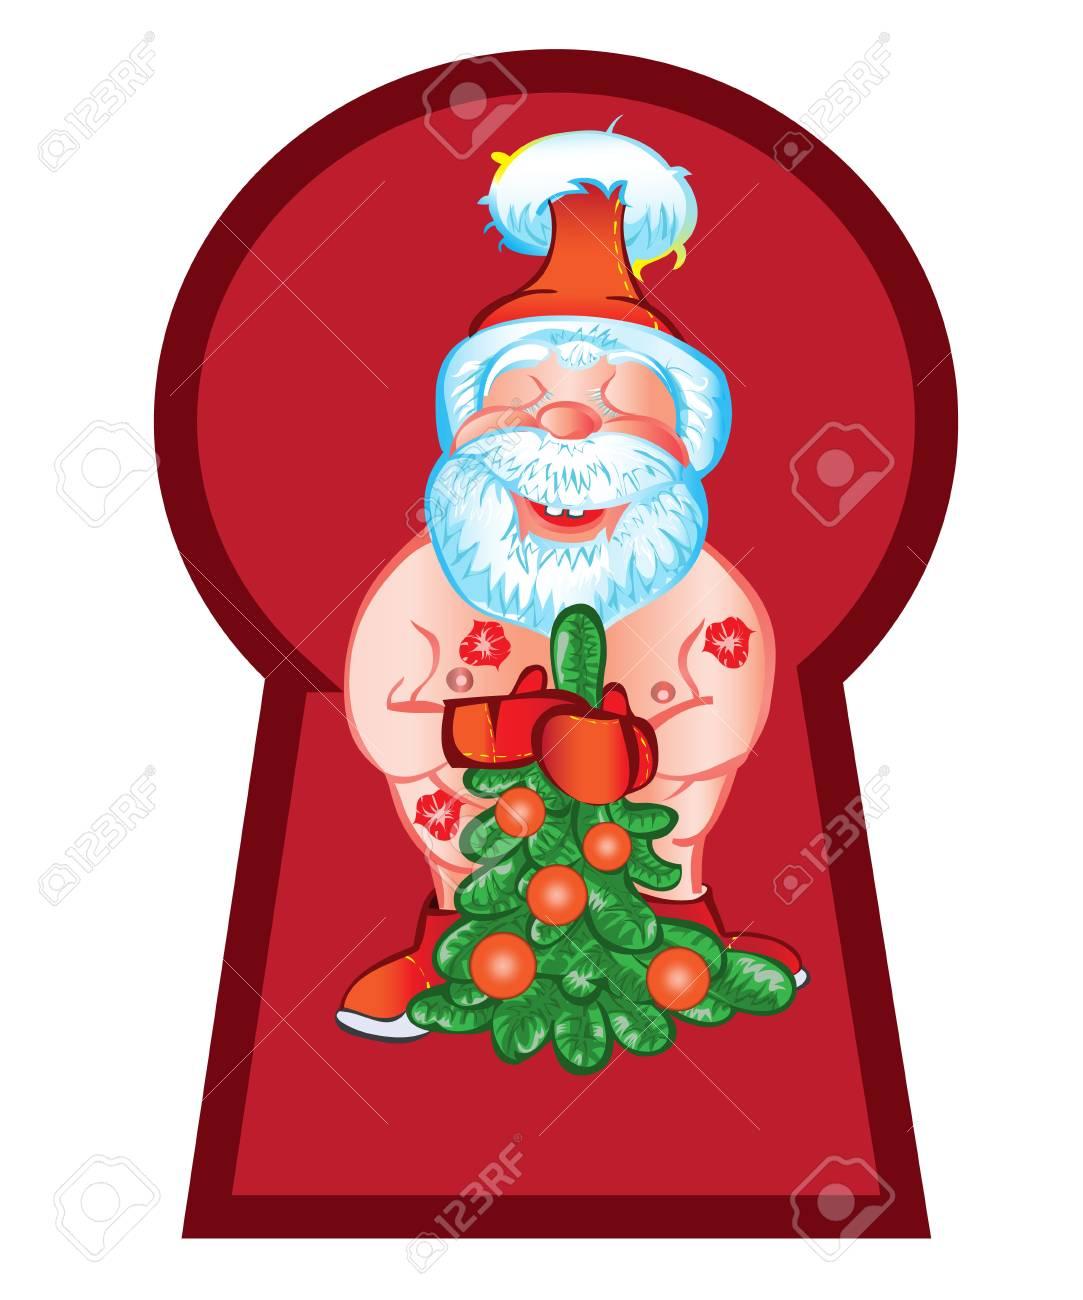 Il villaggio di babbo natale è aperto 365 giorni l'anno, infatti babbo. Vettoriale Babbo Natale E Venuto A Visitare Con Una Bella Tree Vector Natale Image 44331184